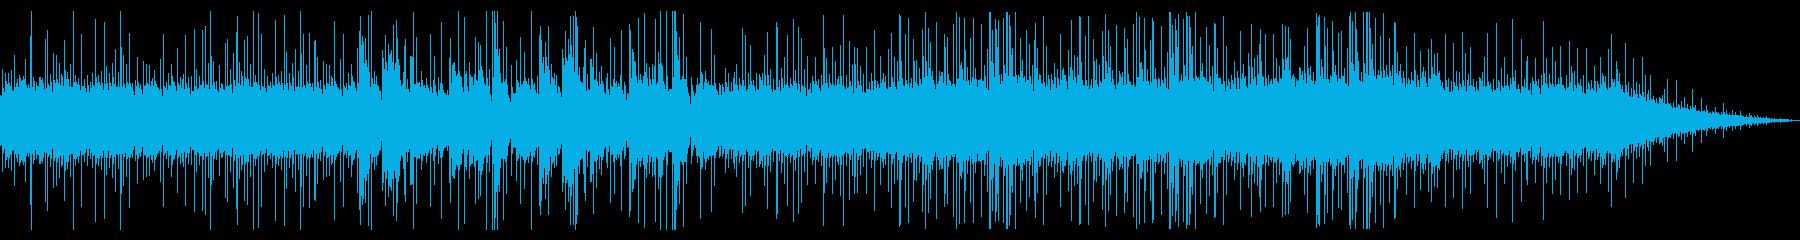 洞窟や森の中-シンセアルペジオ+ピアノの再生済みの波形